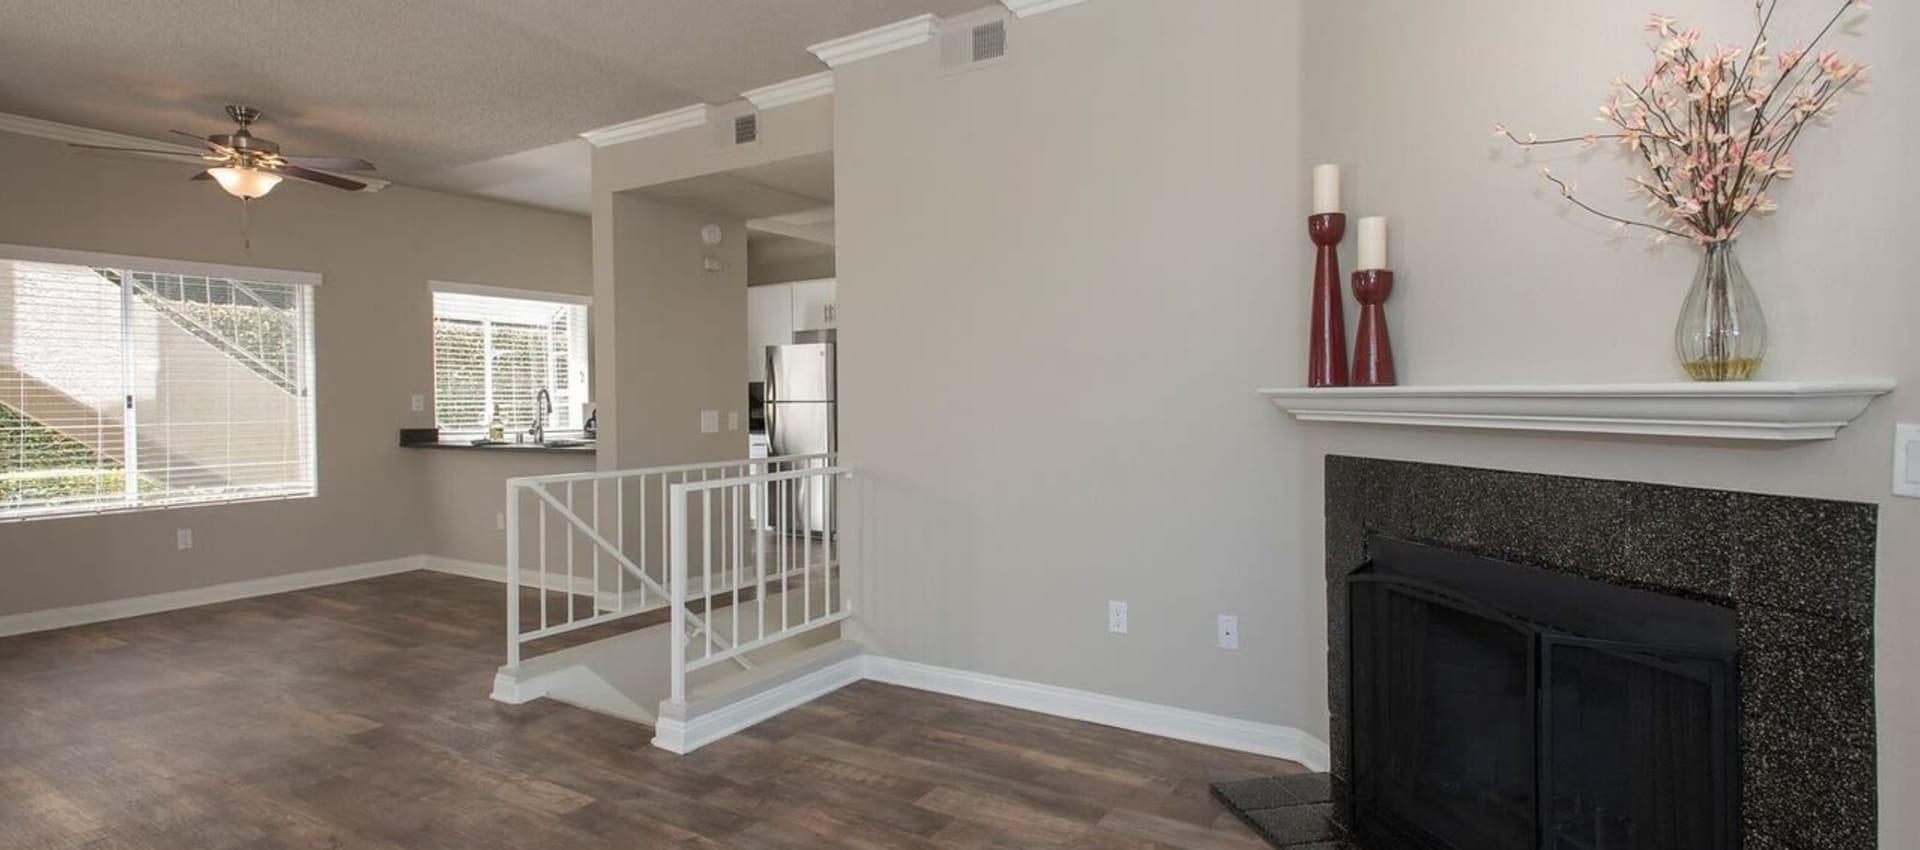 Spacious living room at Niguel Summit Condominium Rentals in Laguna Niguel, CA